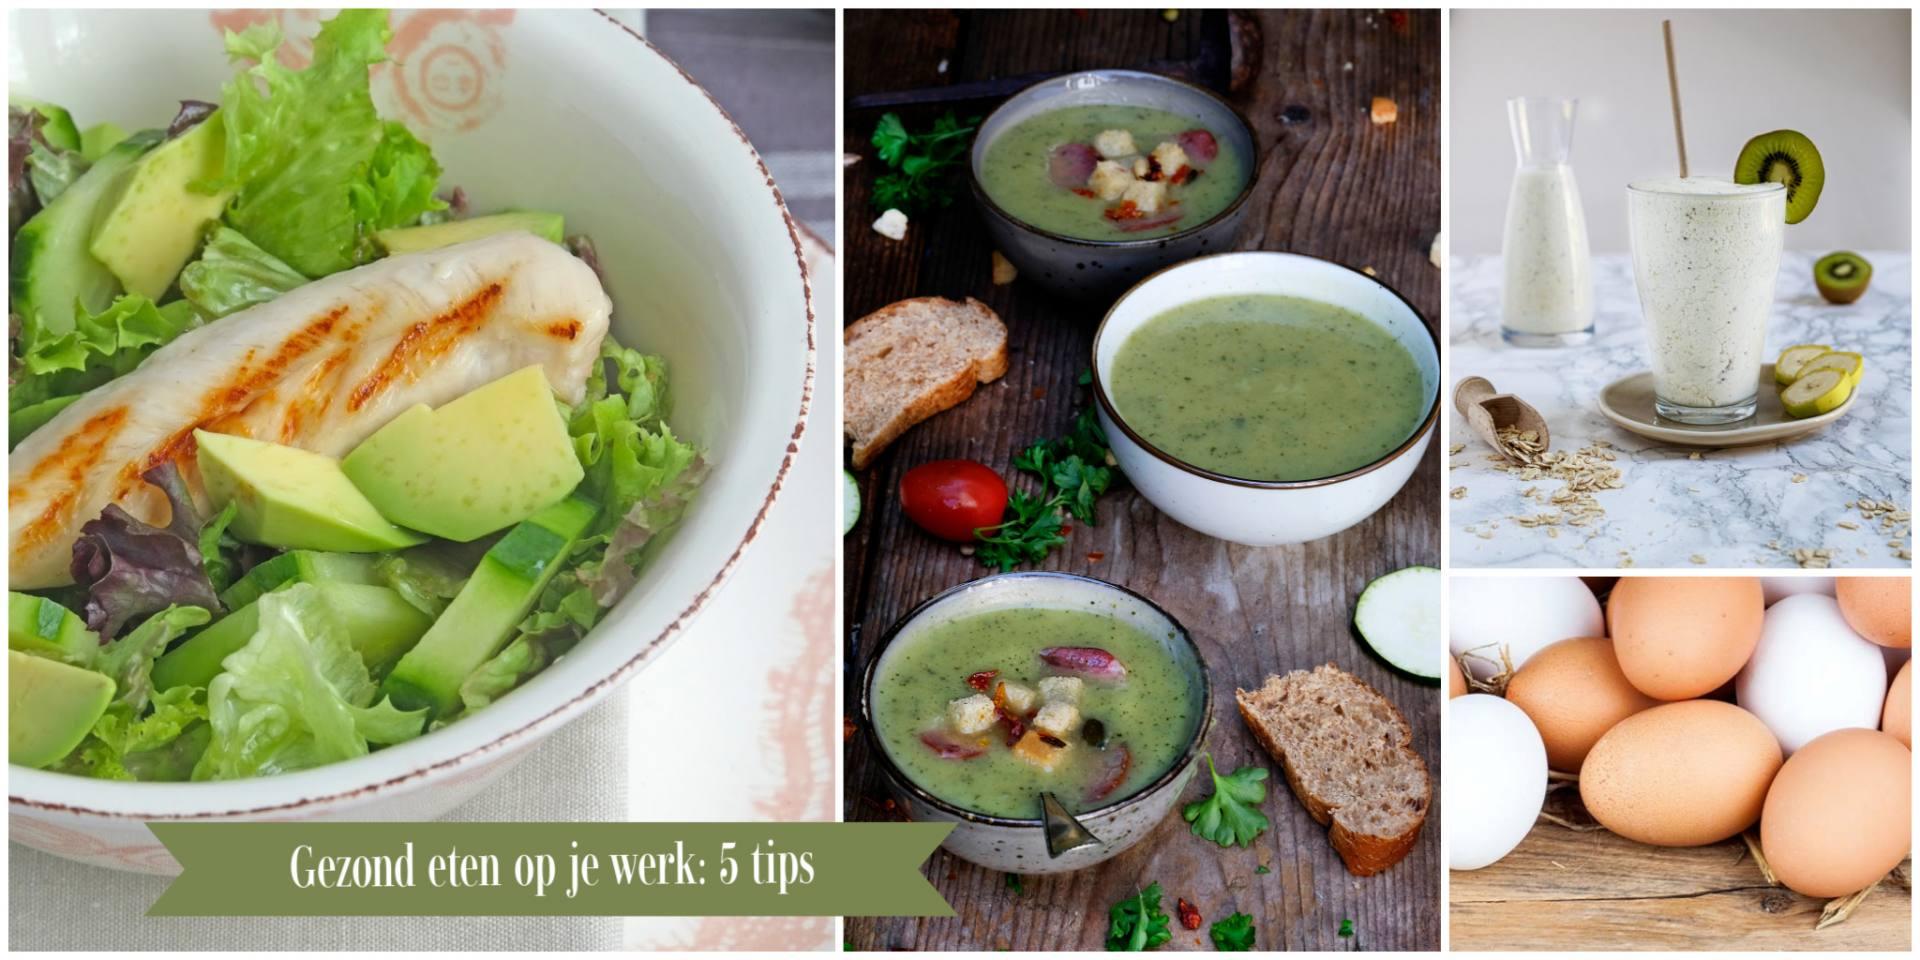 Gezond eten op je werk: 5 tips